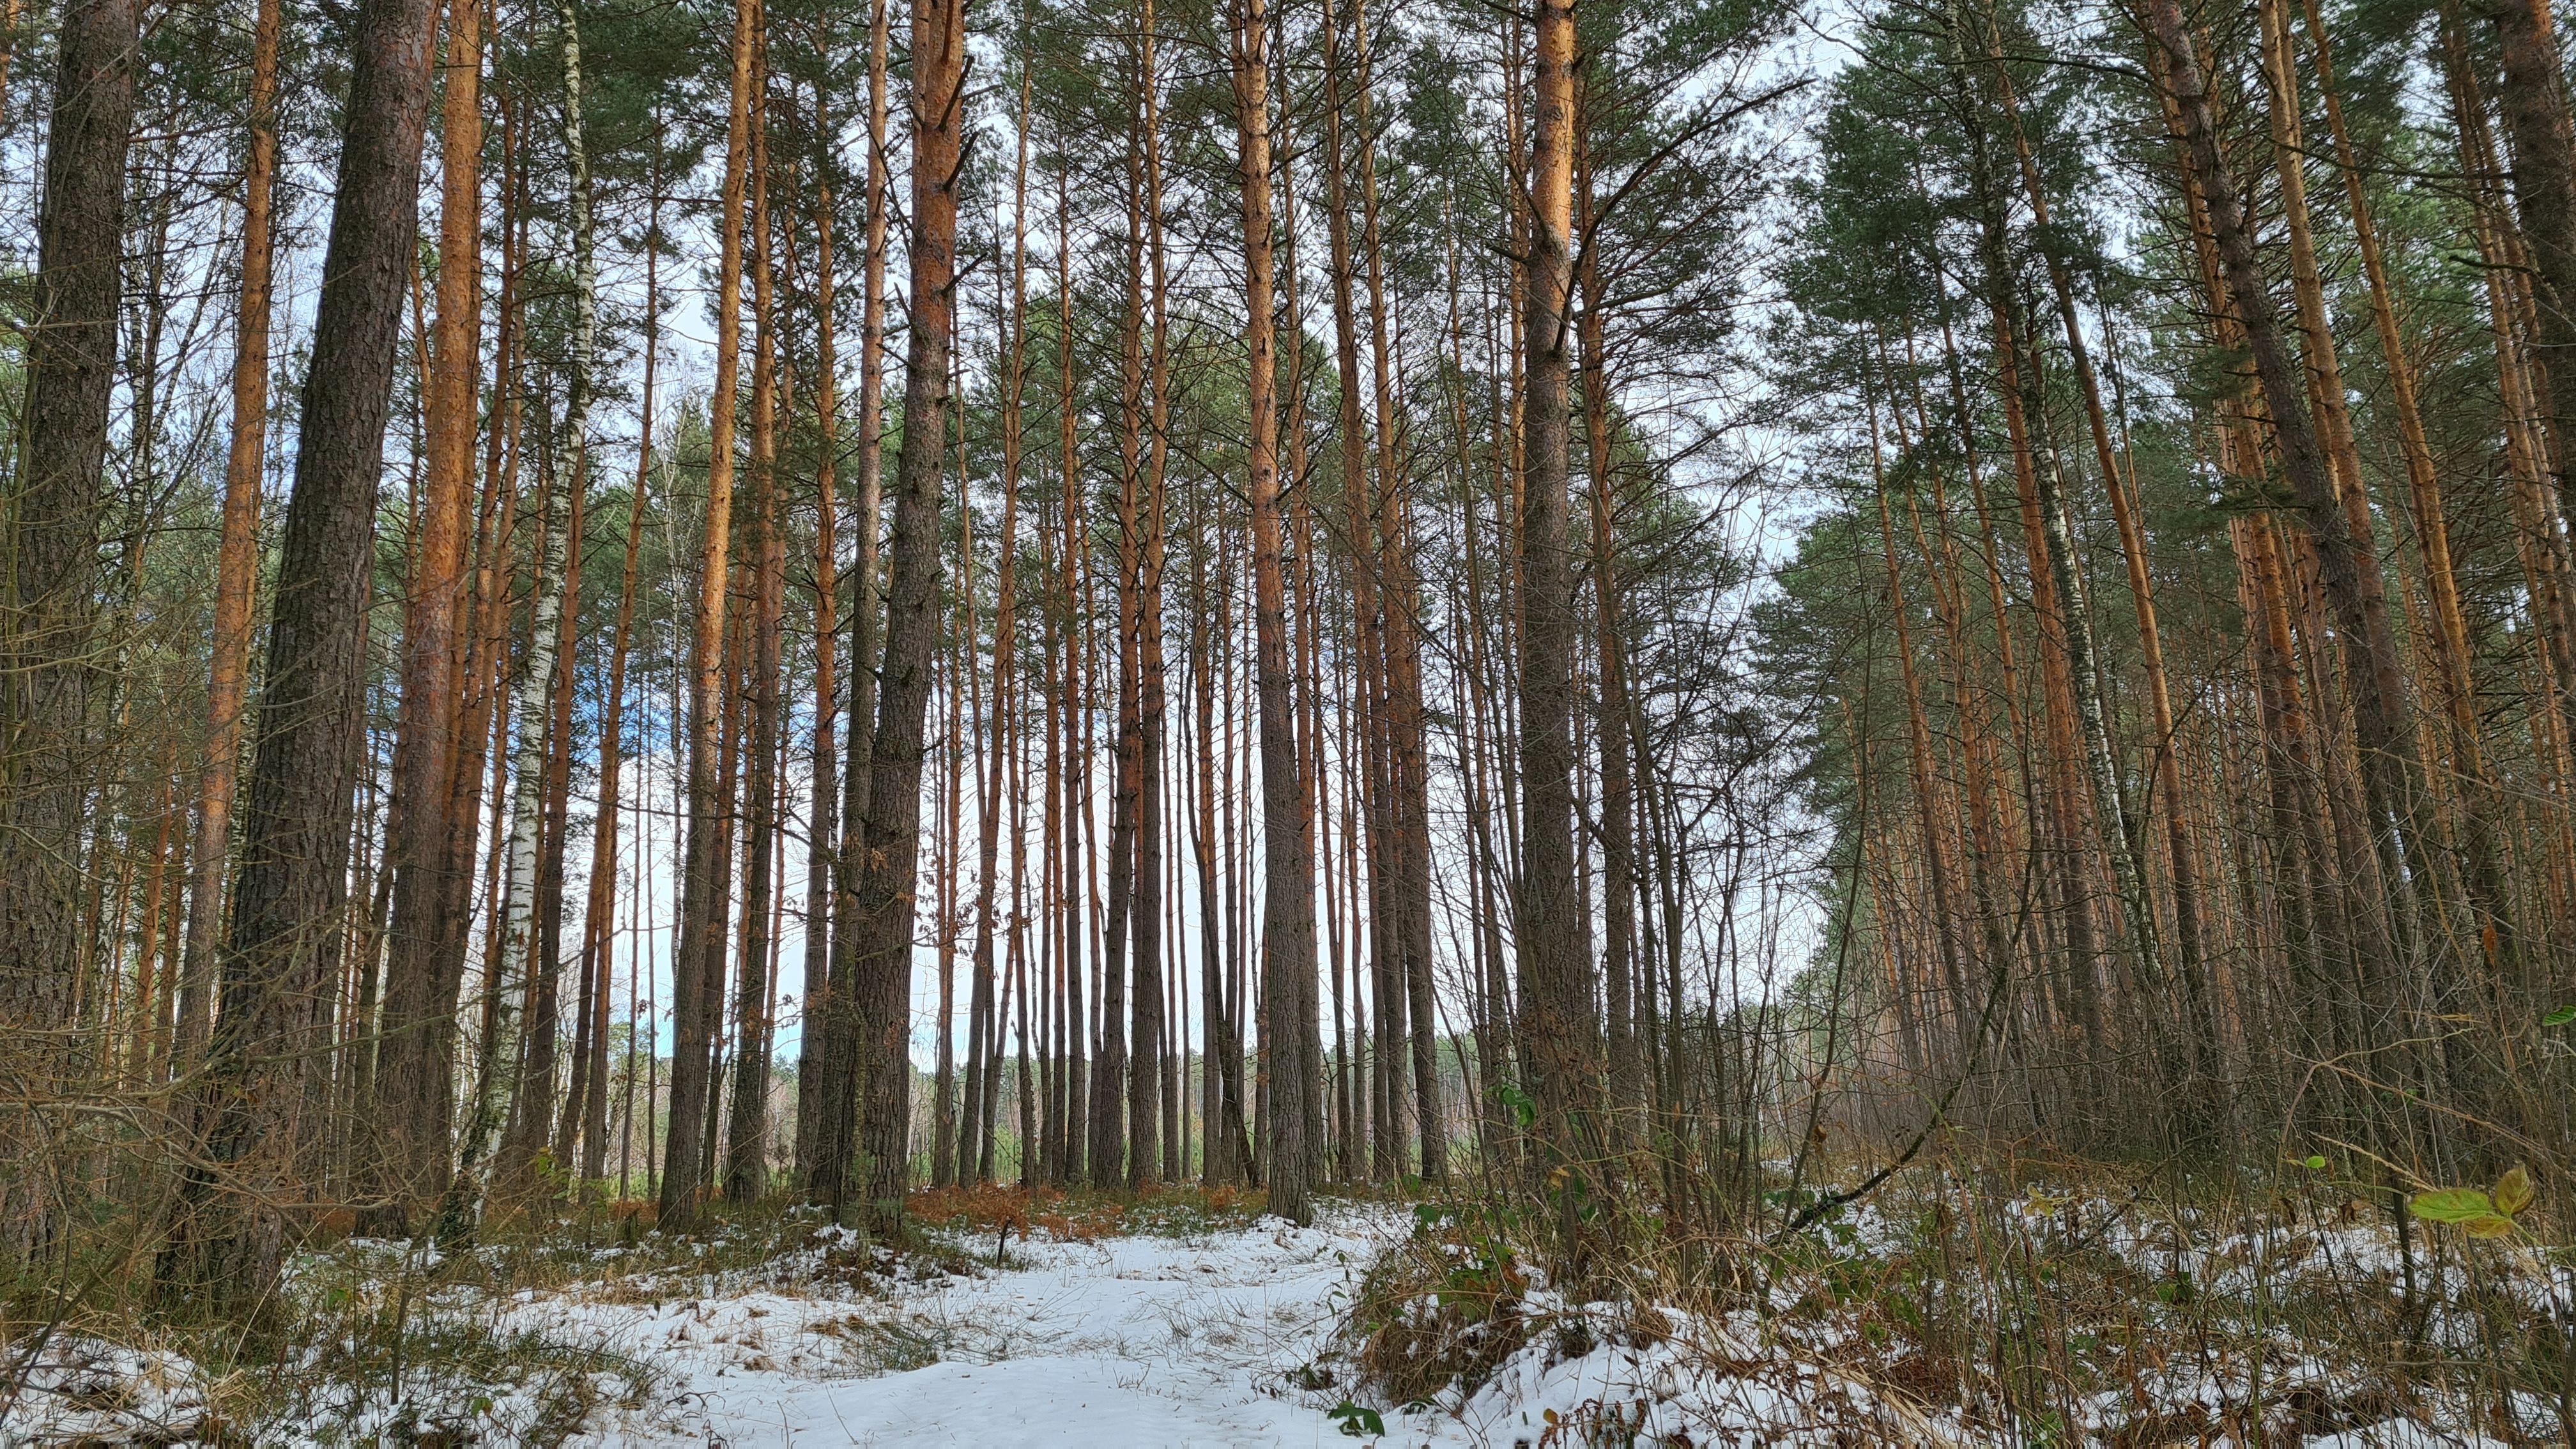 План заходів з протидії всиханню соснових лісів Білорусі та України